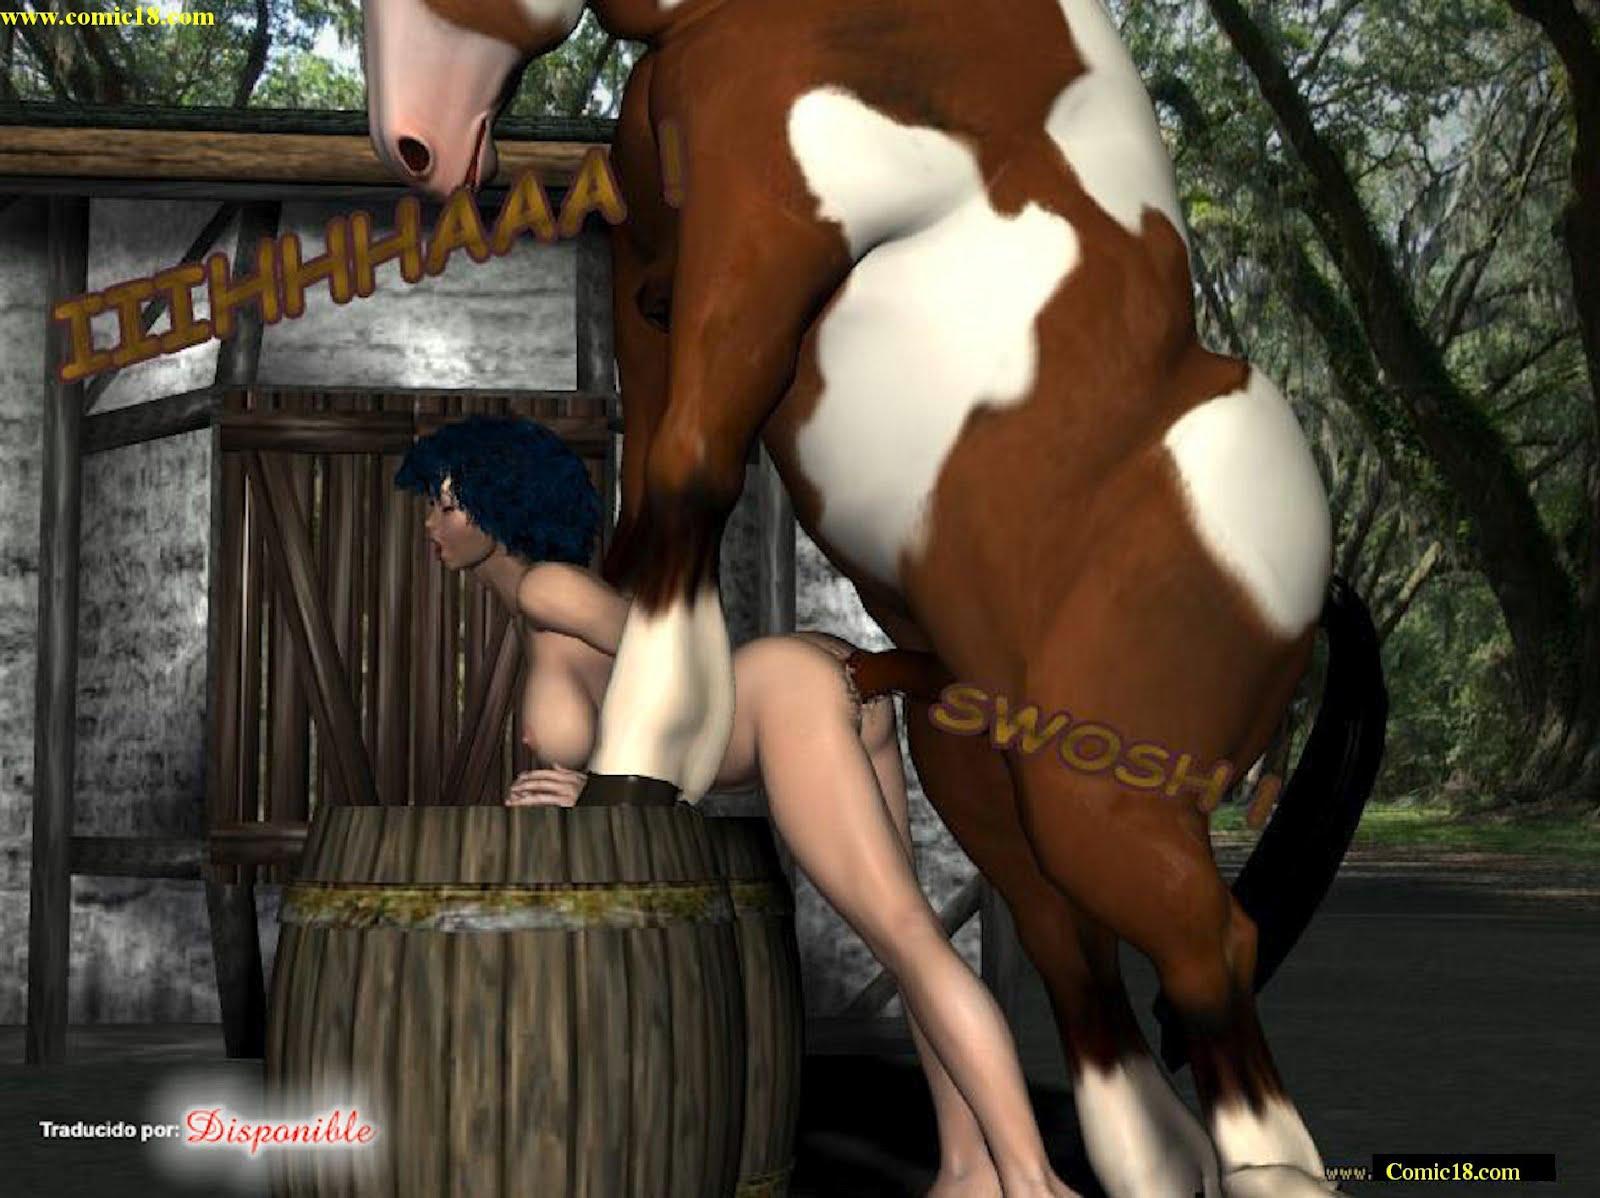 hayvanlarla porno film izle seyret  gurbetinfo